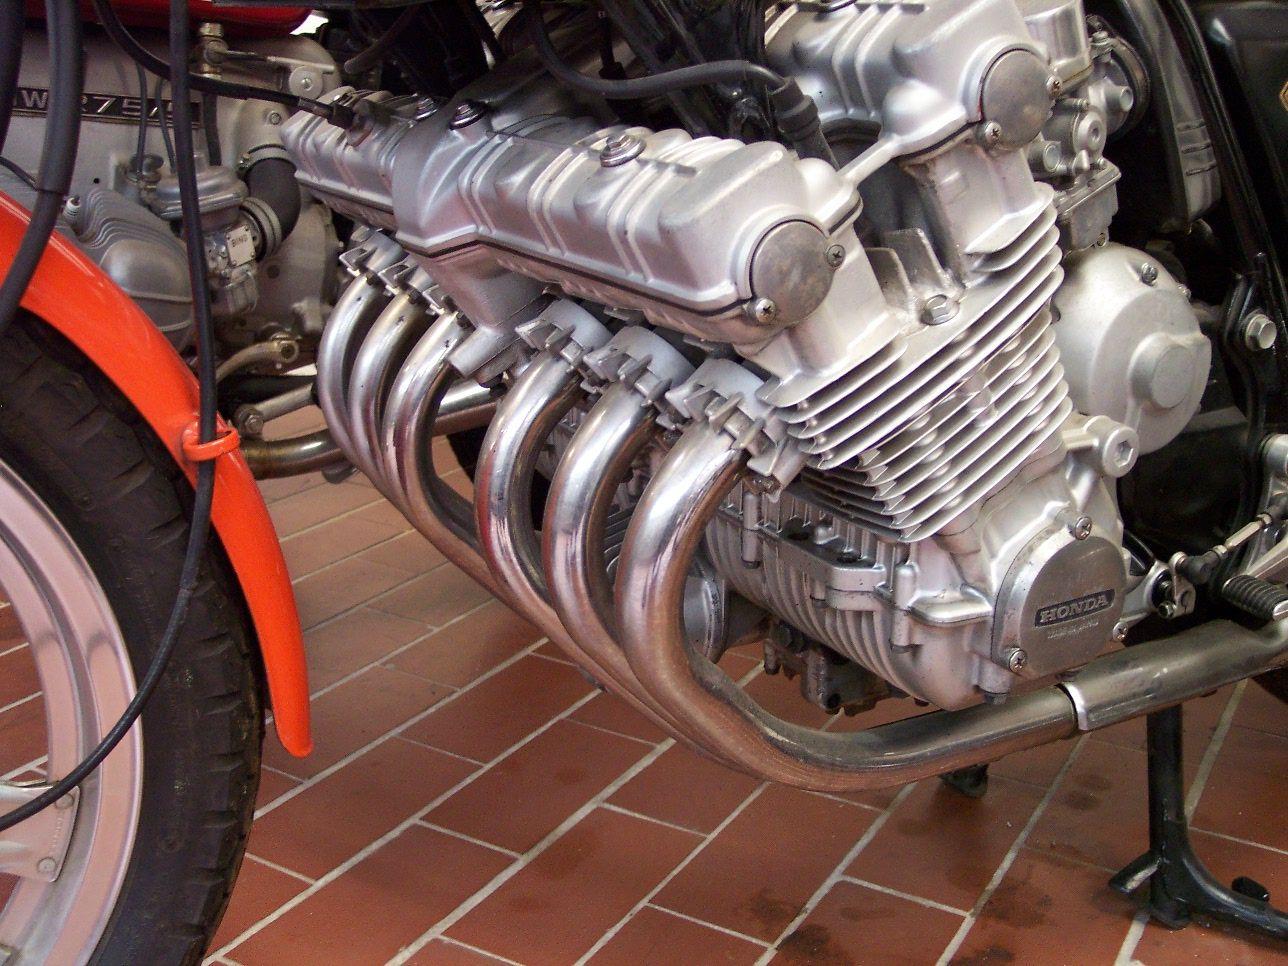 Honda CBX Engine Detail.jpg